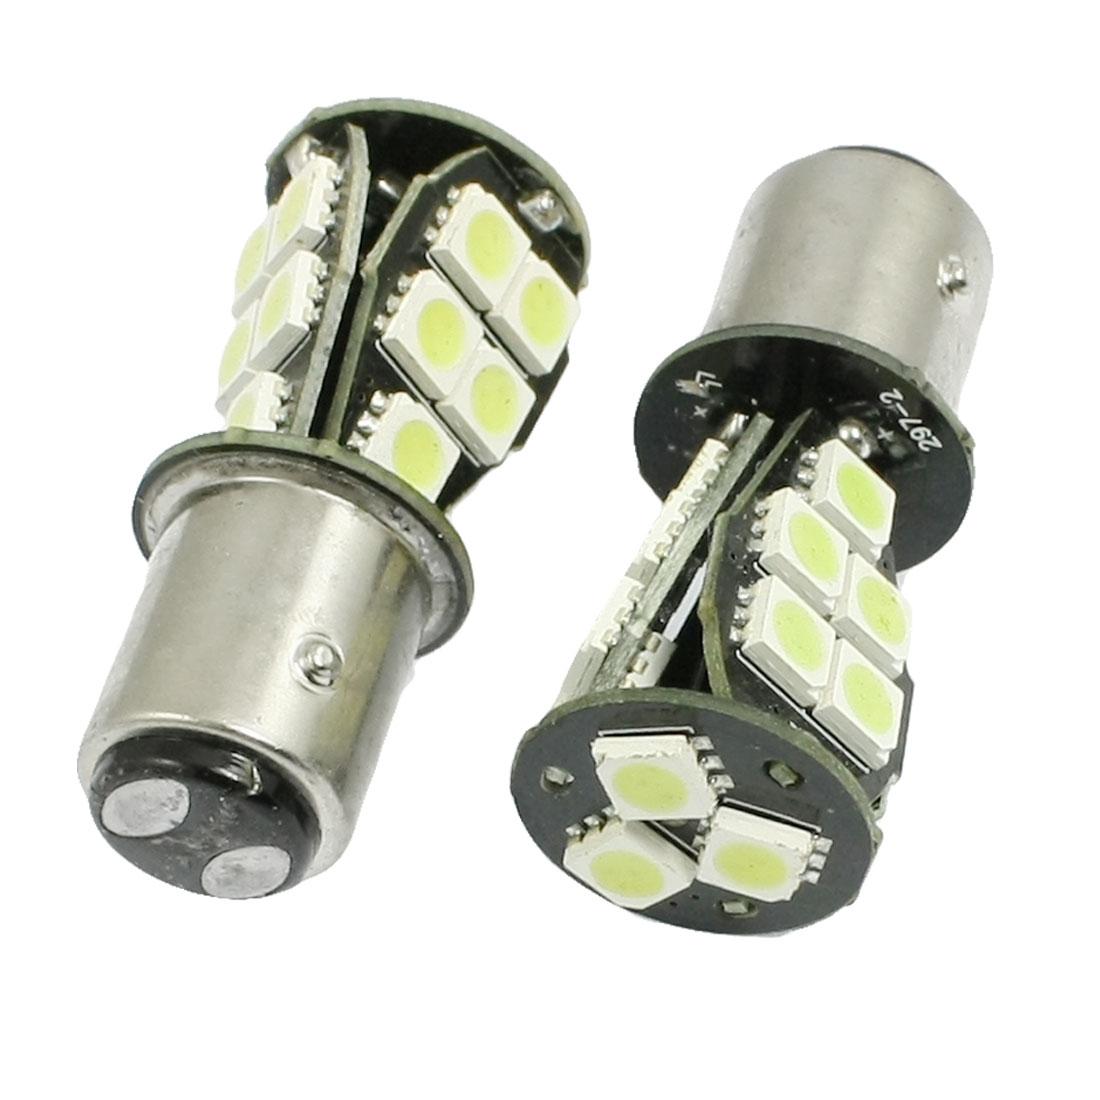 2 Pcs BAY15D 1157 5050 SMD 18 LED White Light Brake Lamp Bulbs